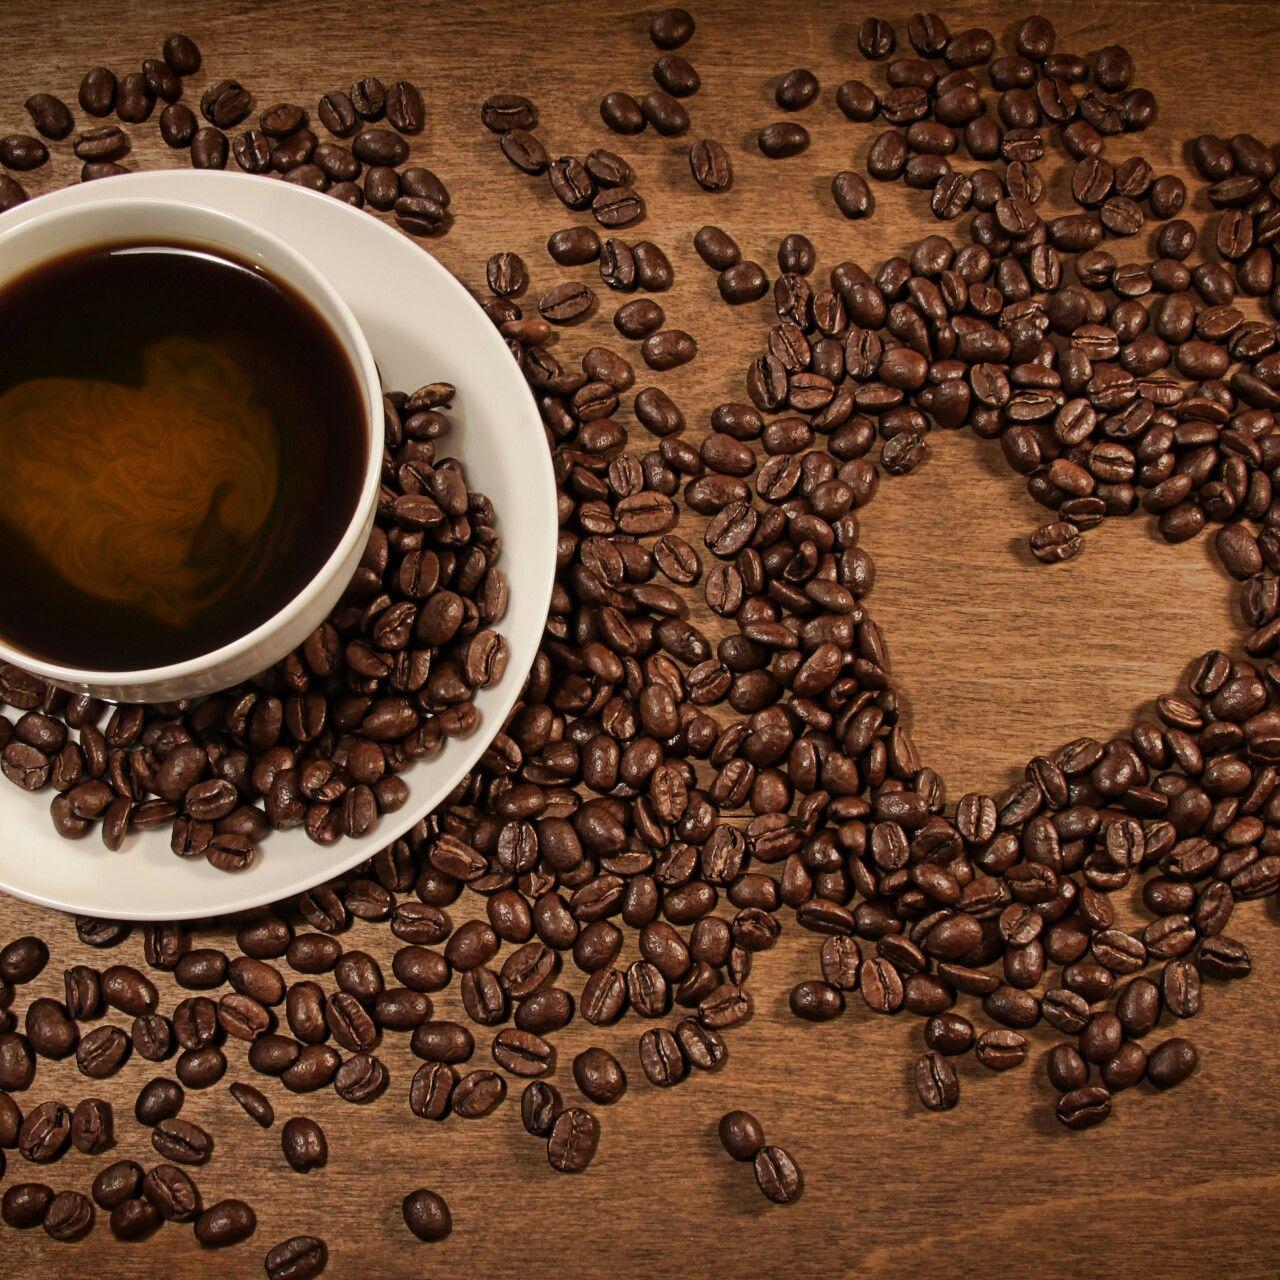 Открытки с черным кофе могут служить